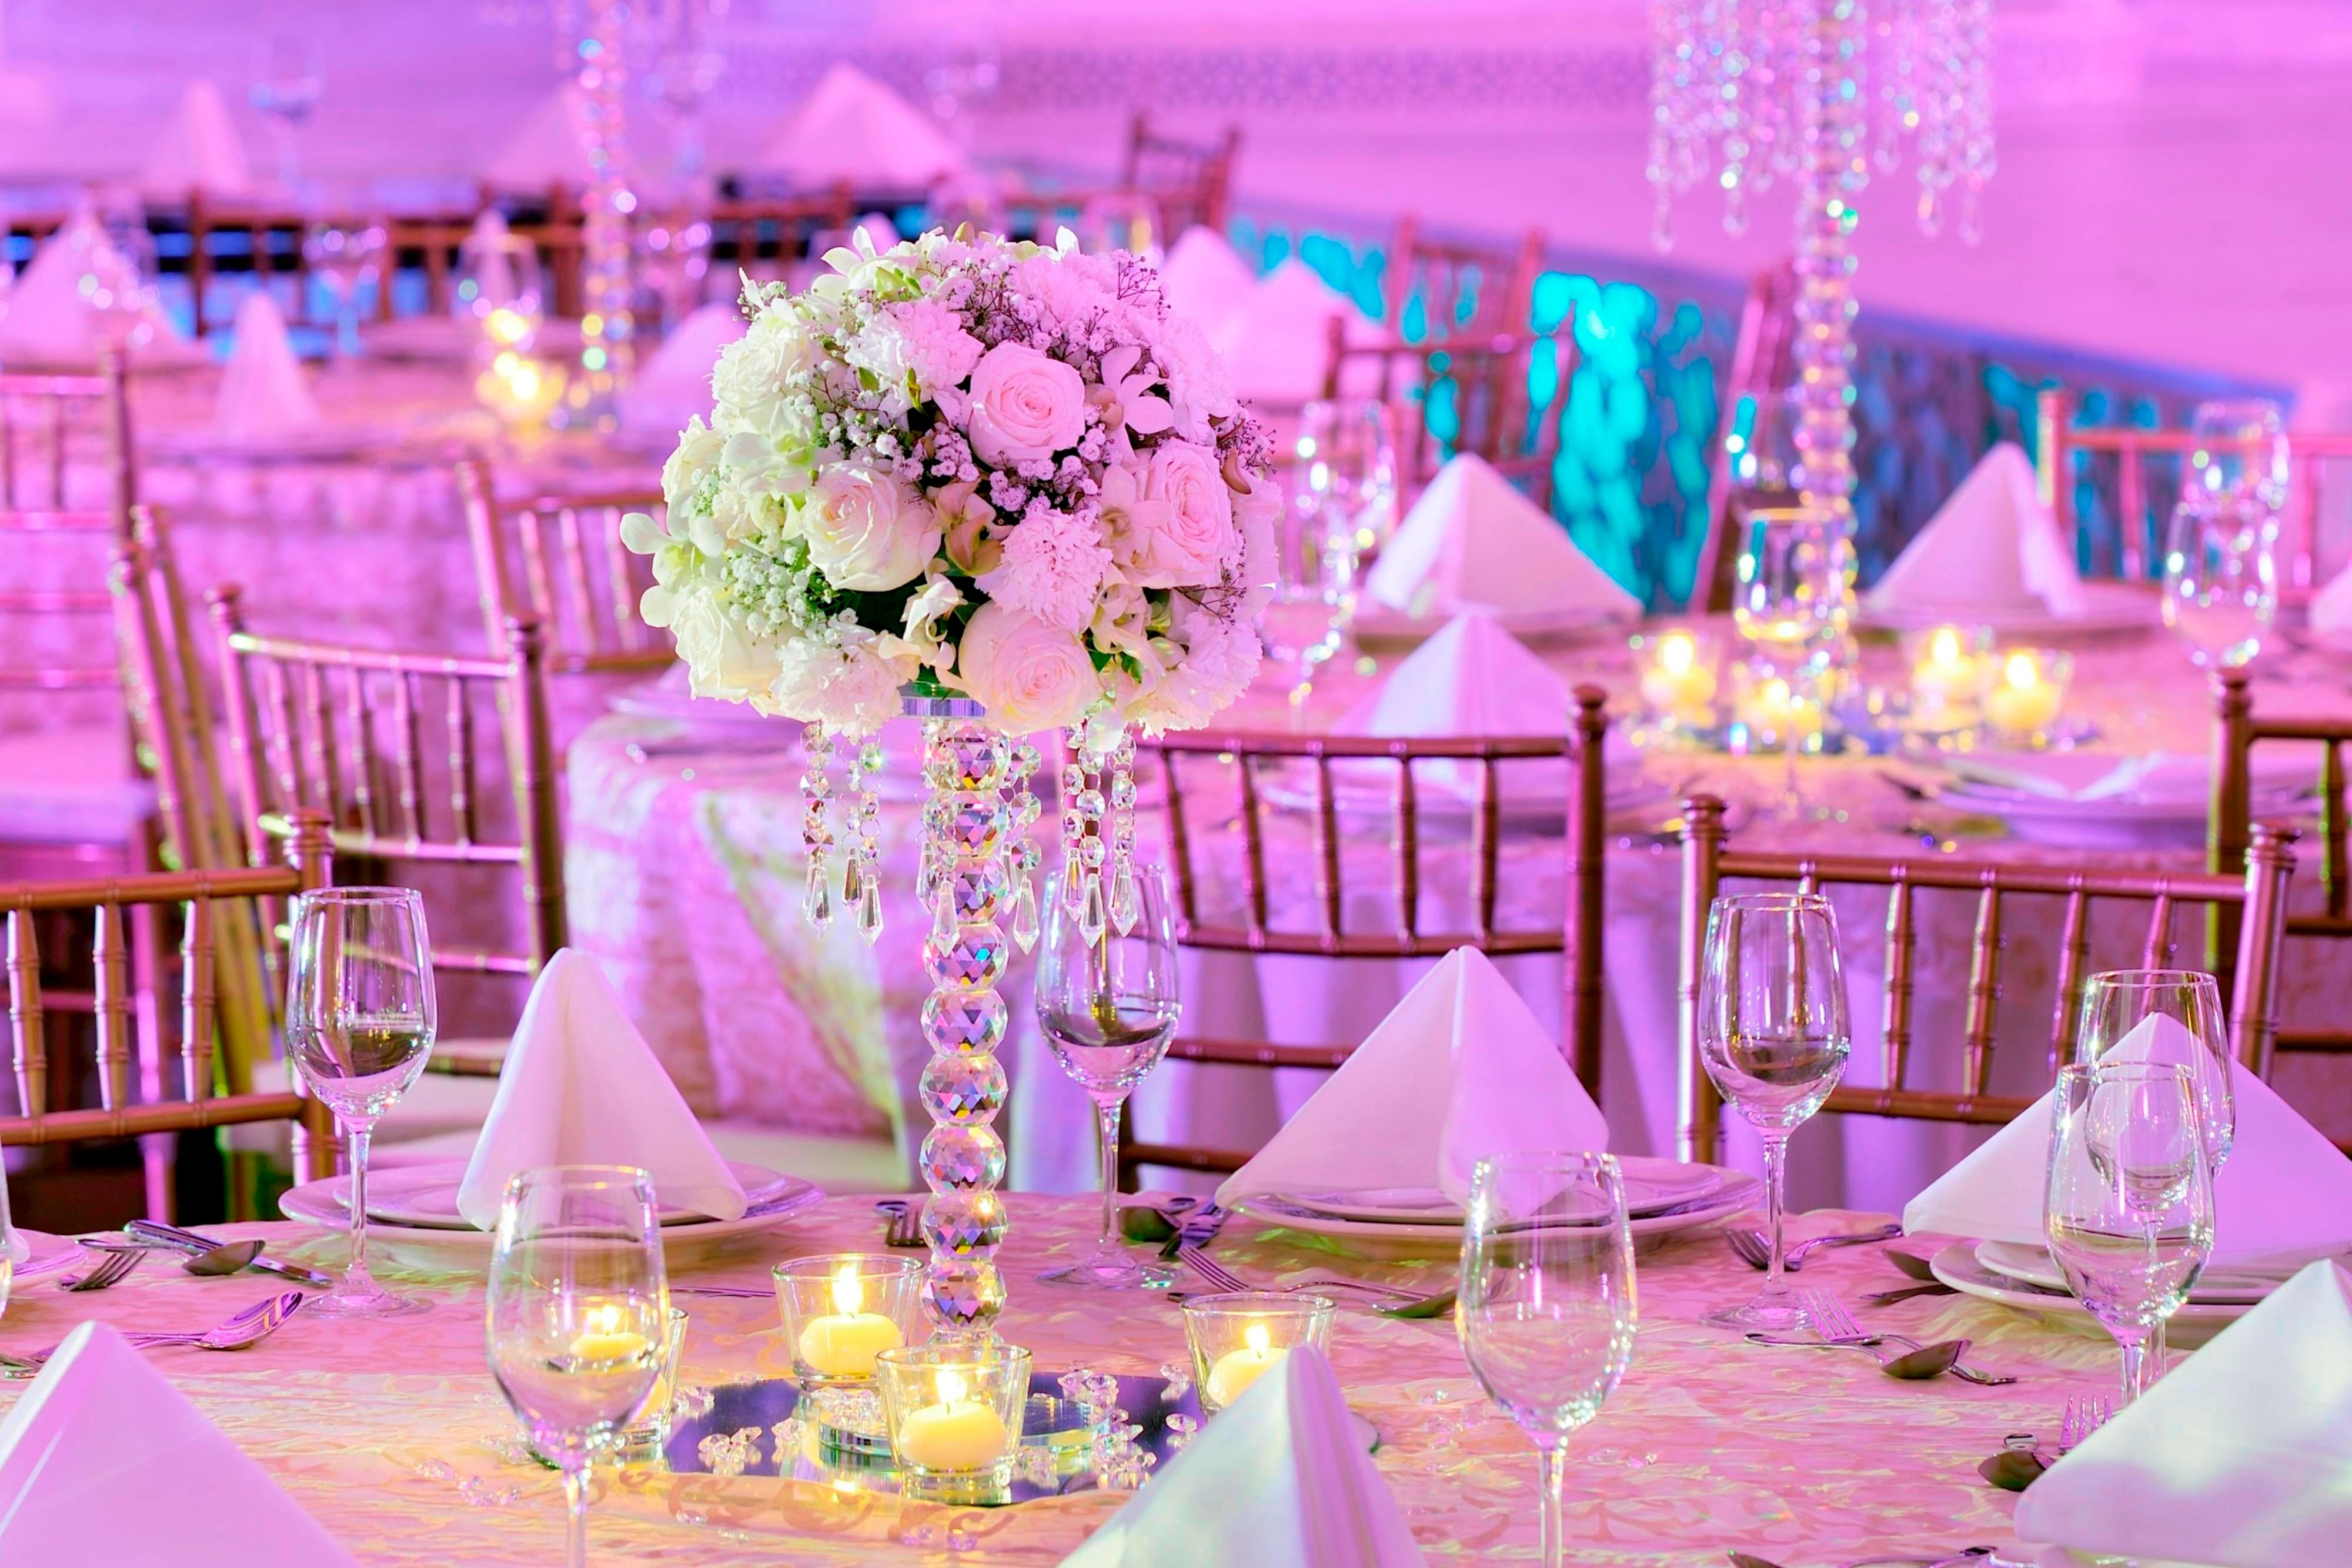 Wedding reception venues in Dubai